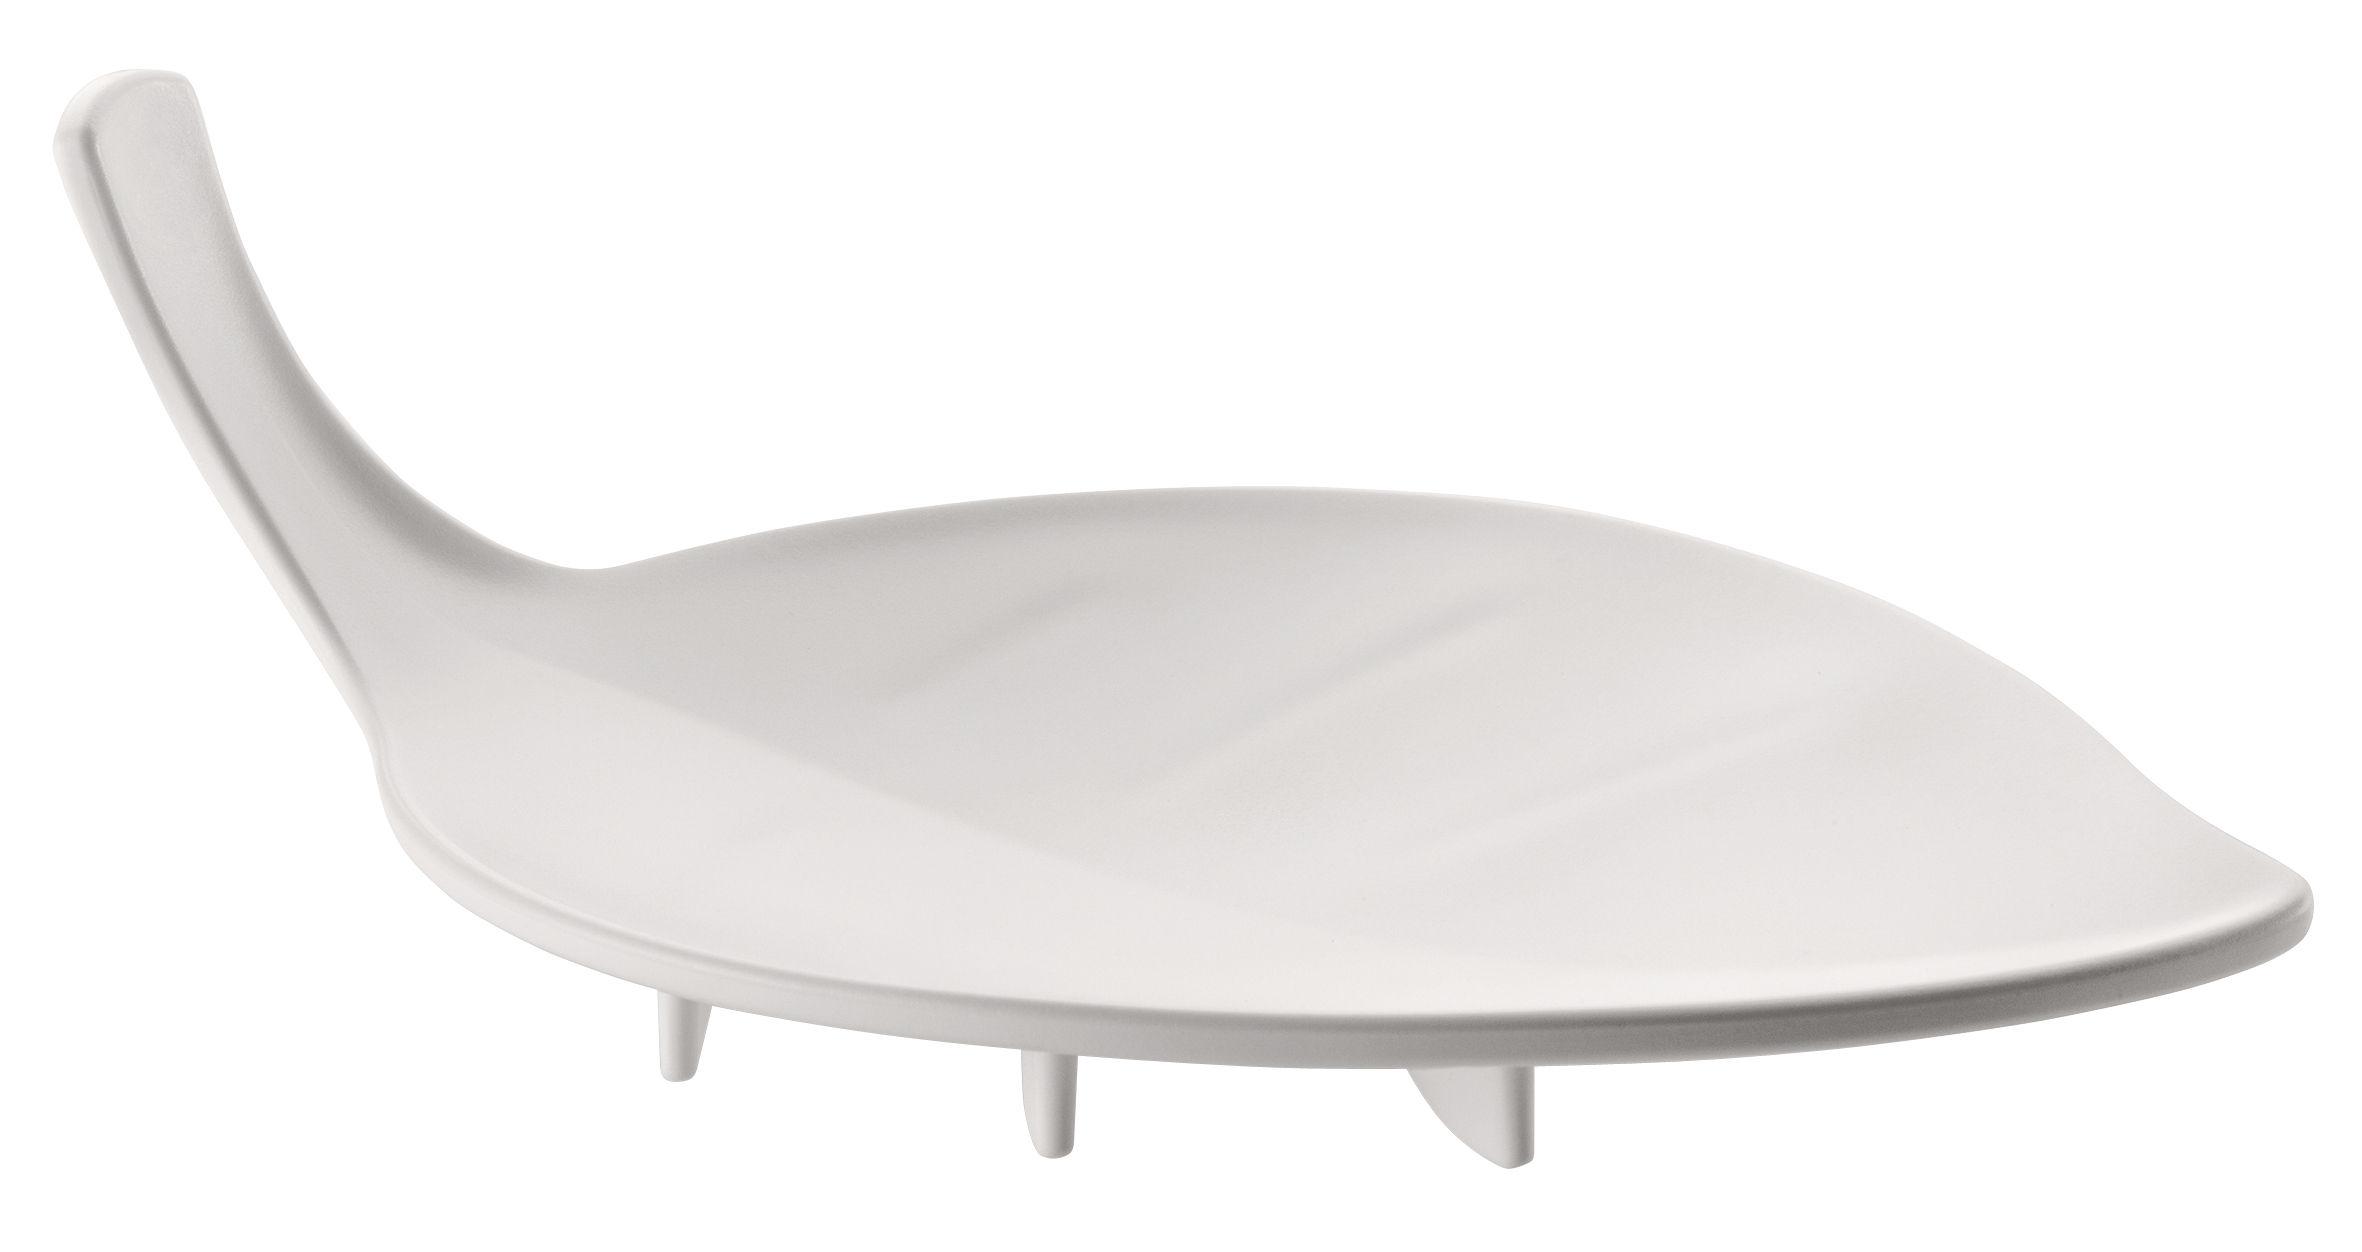 Accessoires - Accessoires salle de bains - Porte-savon Sense - Koziol - Blanc opaque - Plastique